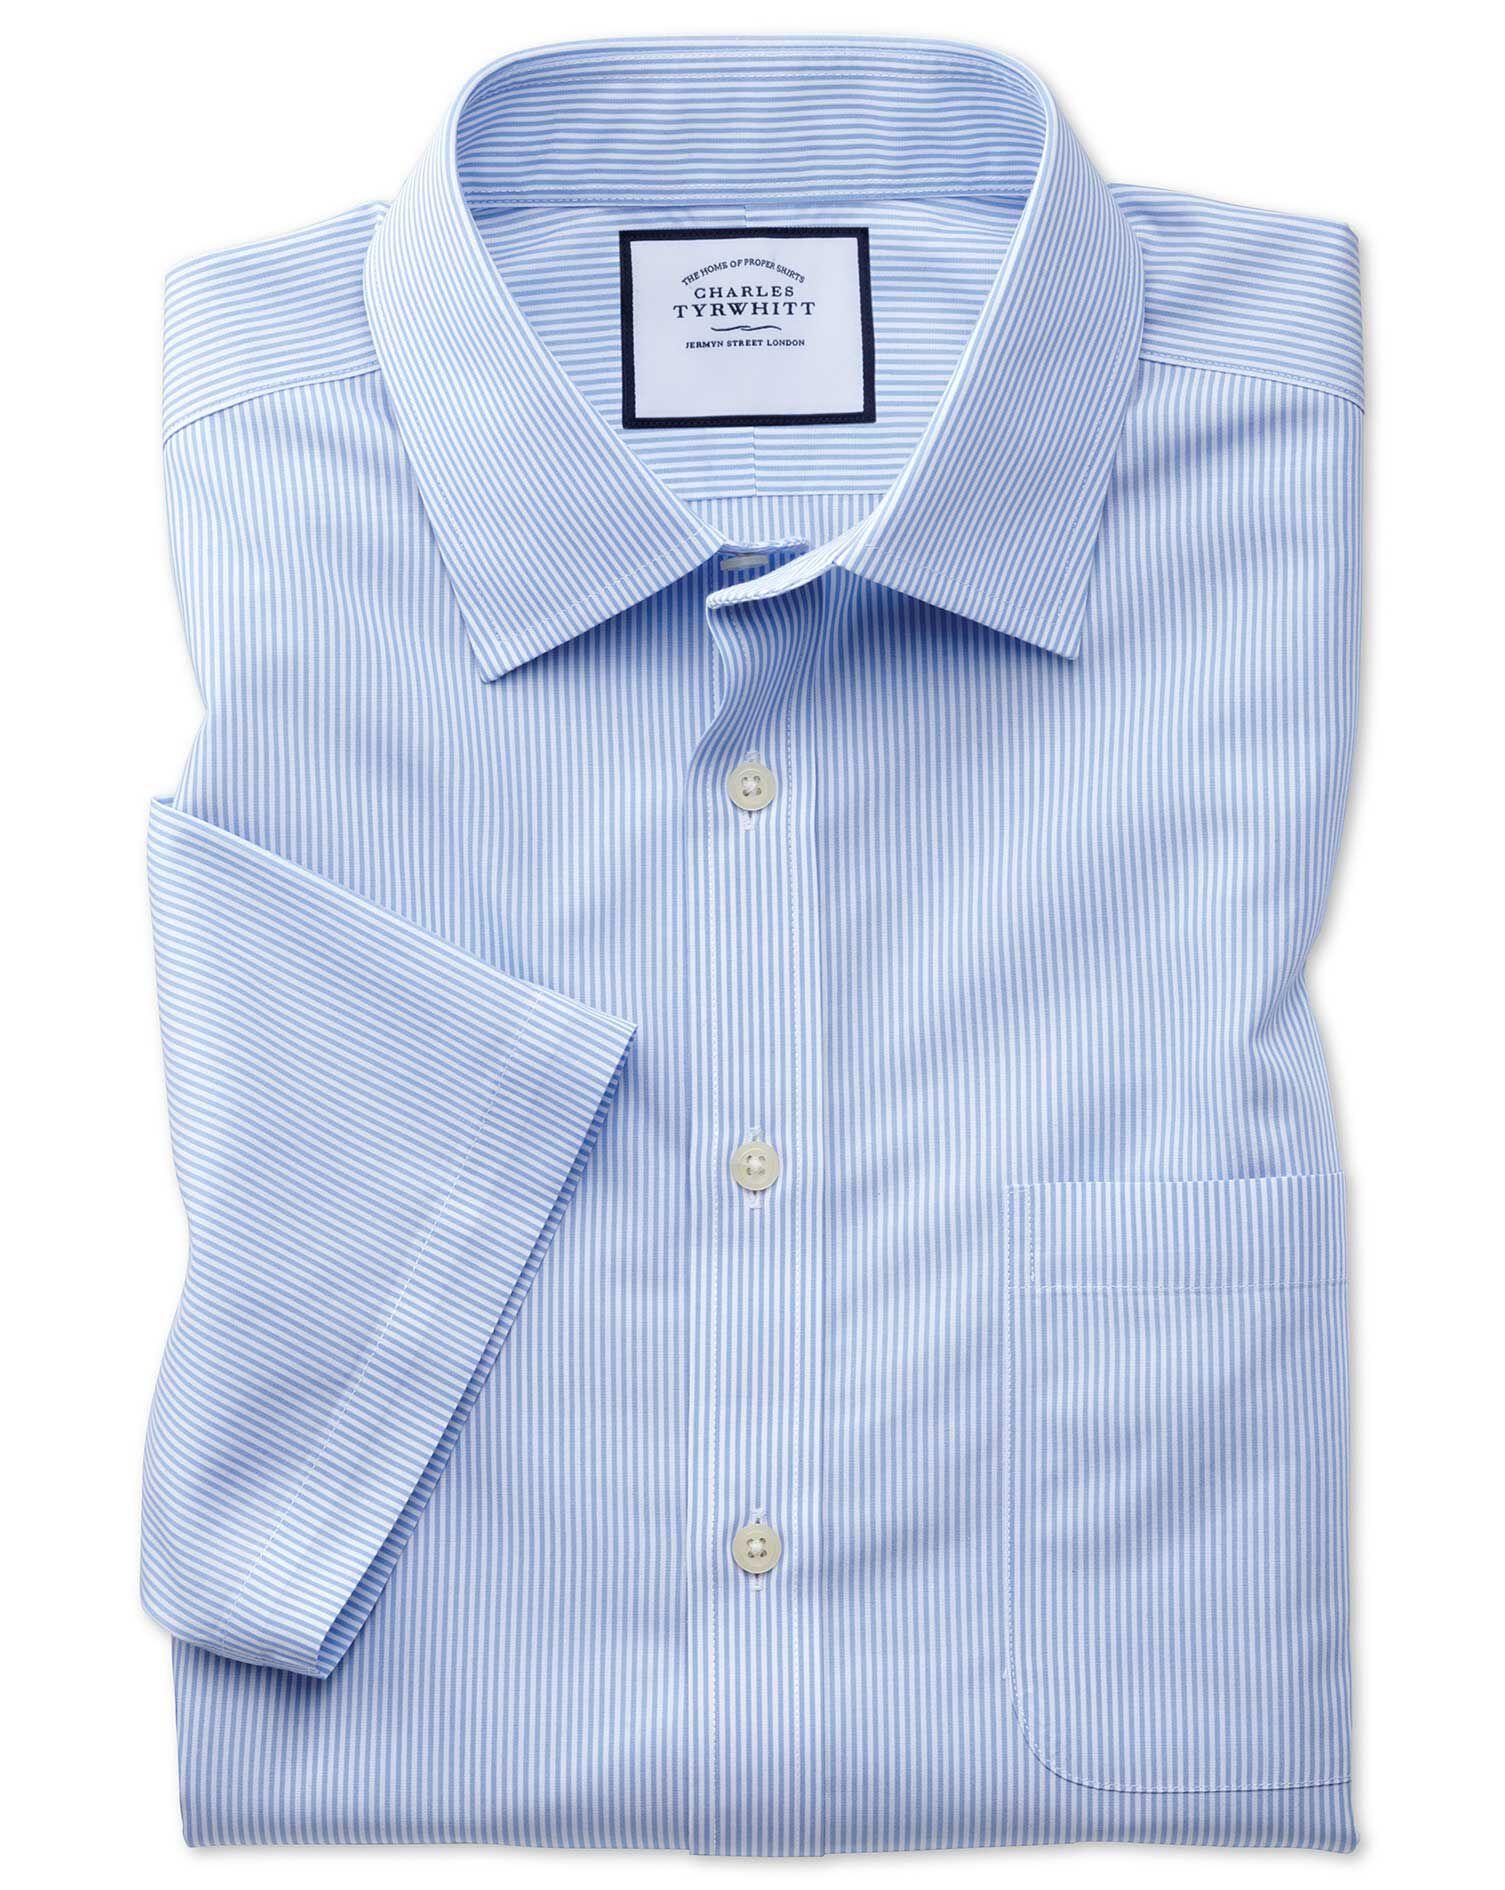 Bügelfreies Slim Fit Kurzarmhemd in Himmelblau mit Bengal-Streifen